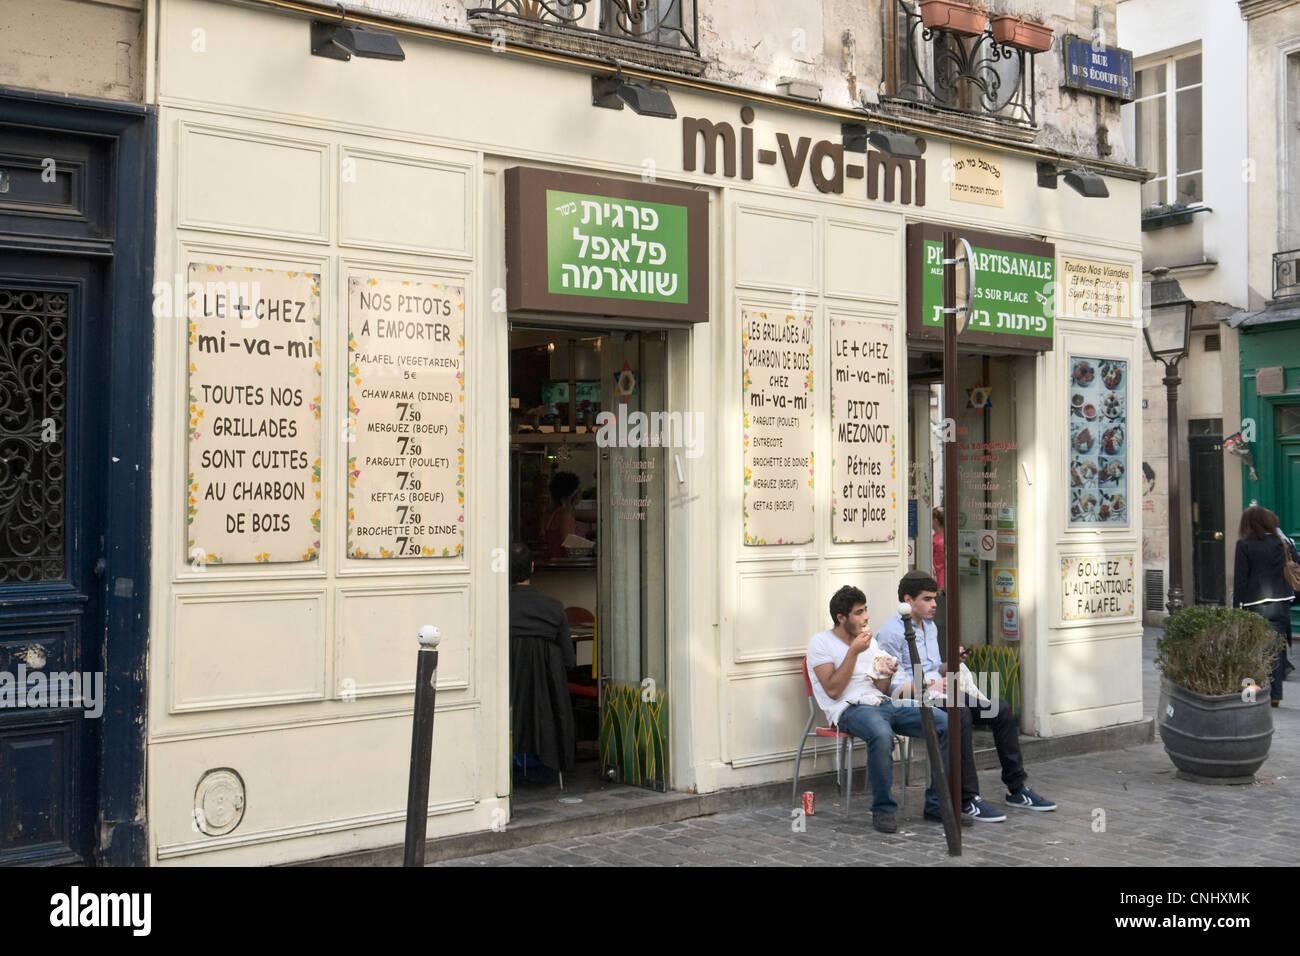 Kosher food shop, Paris - Stock Image